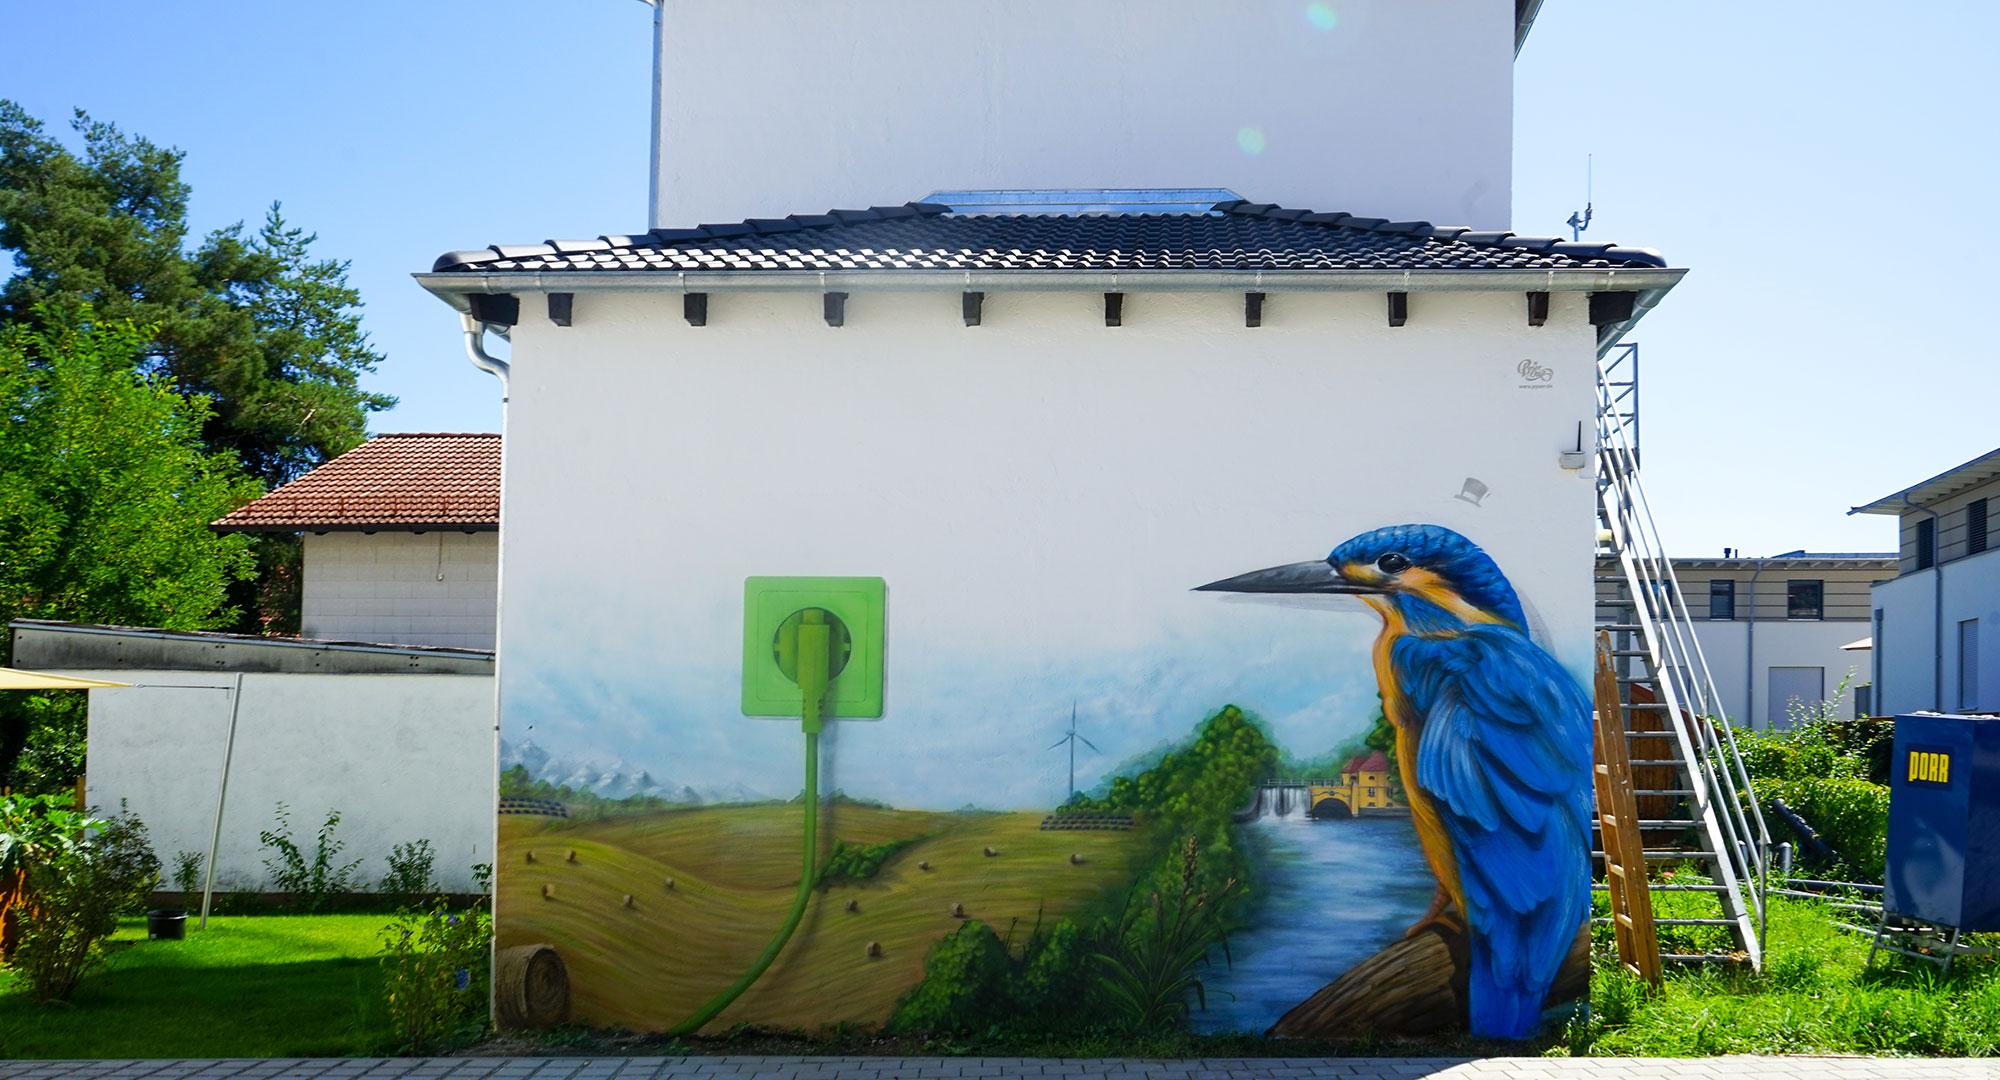 Gesamtbild des Graffitis von Pyser zum Thema Nachhaltigkeit mit Eisvogel, natur und grüner Naturstrom Steckdose